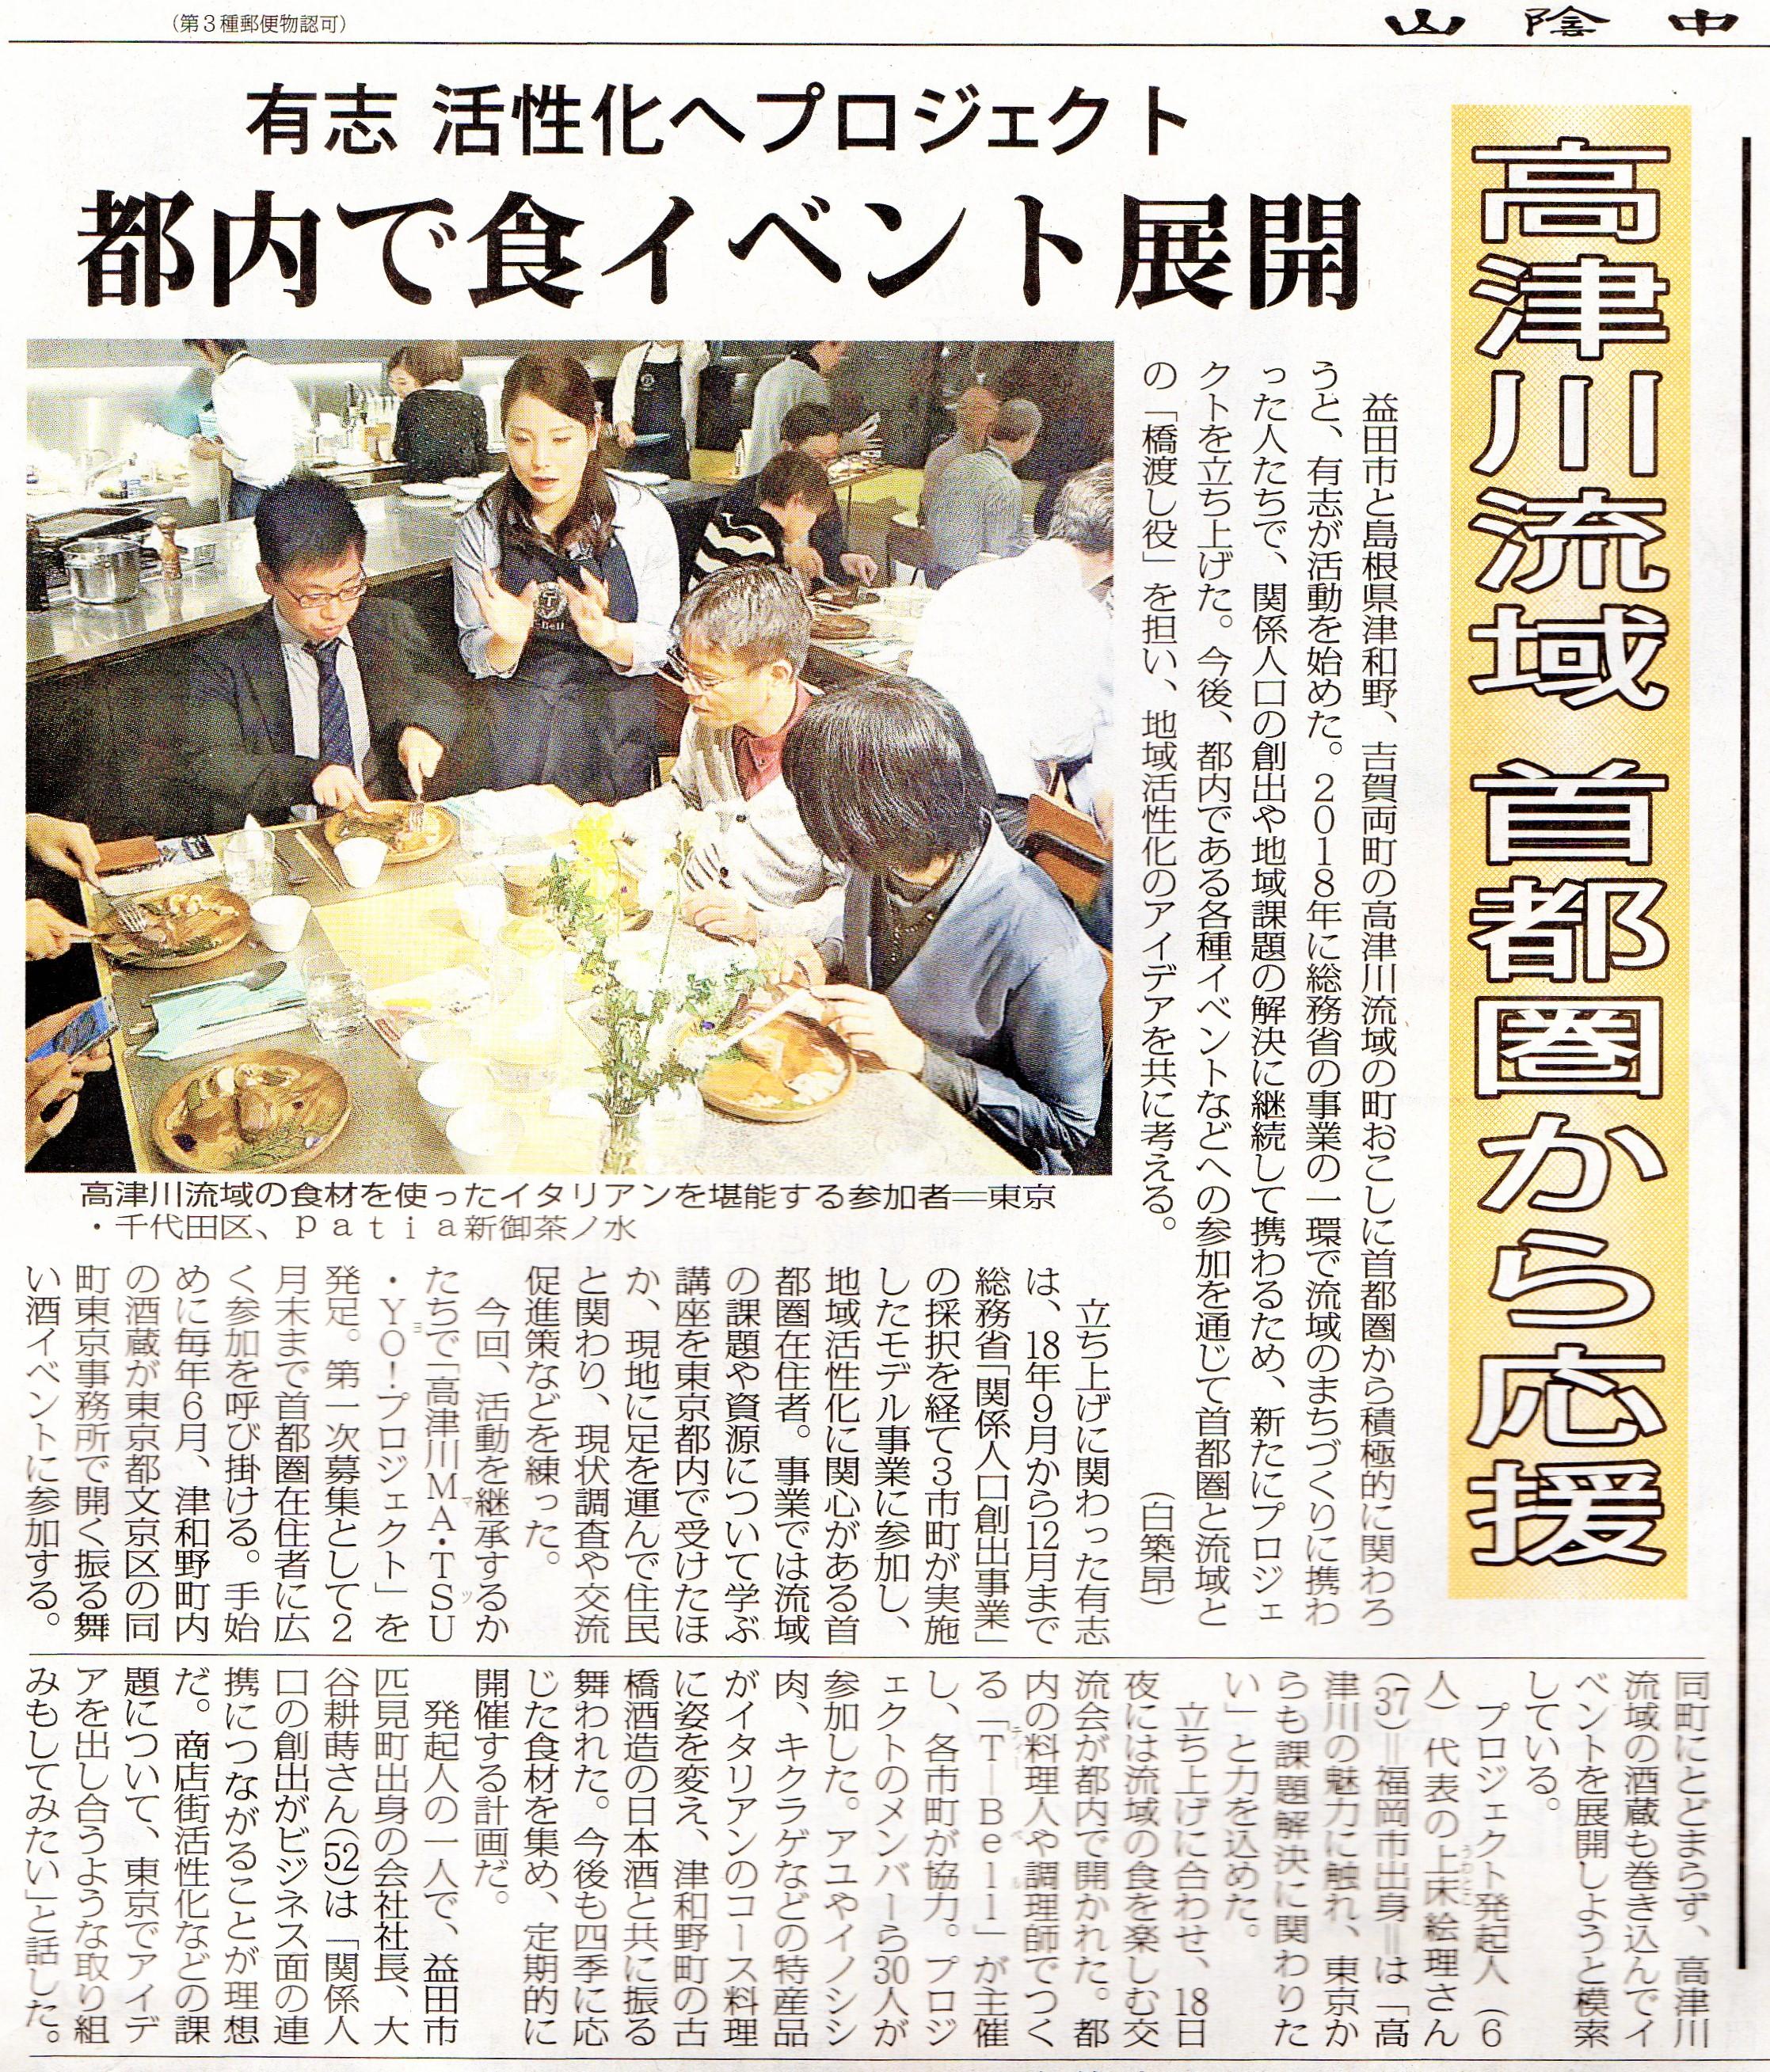 高津川流域活性化プロジェクトの交流会が行われました